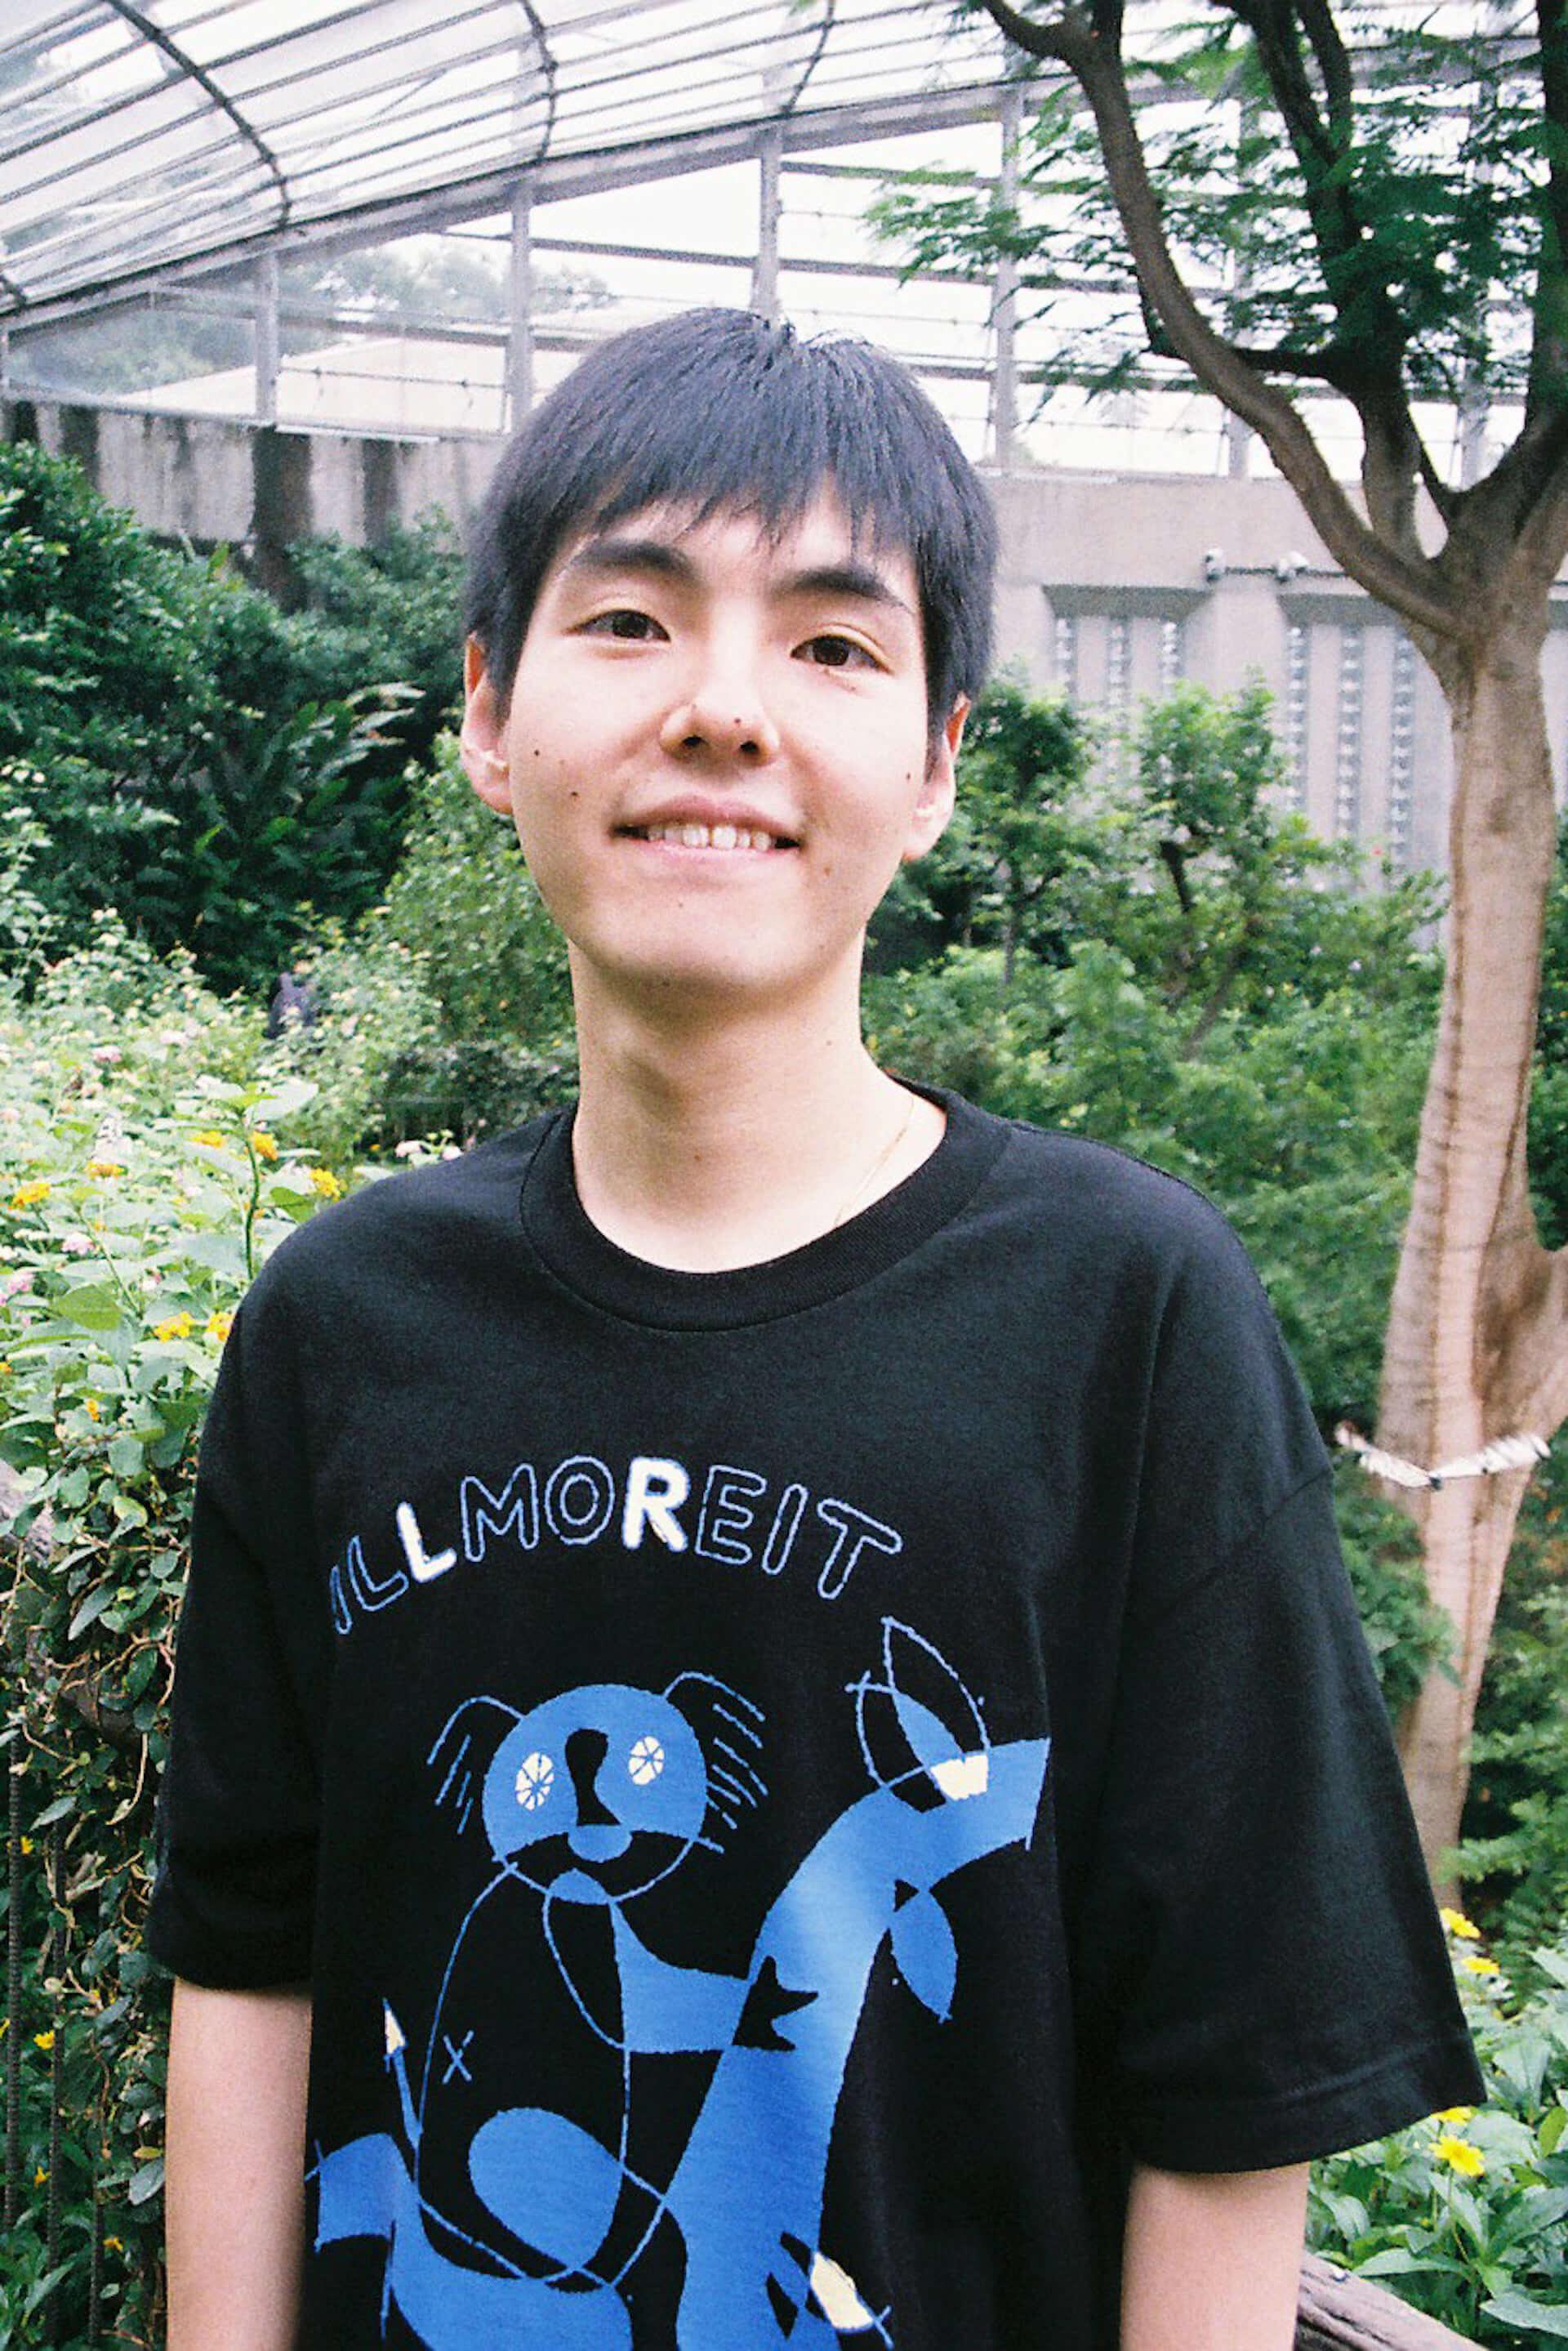 フジロック3日目に出演|新鋭ラッパー・dodo x Ryu OkuboによるコラボTシャツが本日から予約開始 lifefashion190726dodo_3-1920x2878